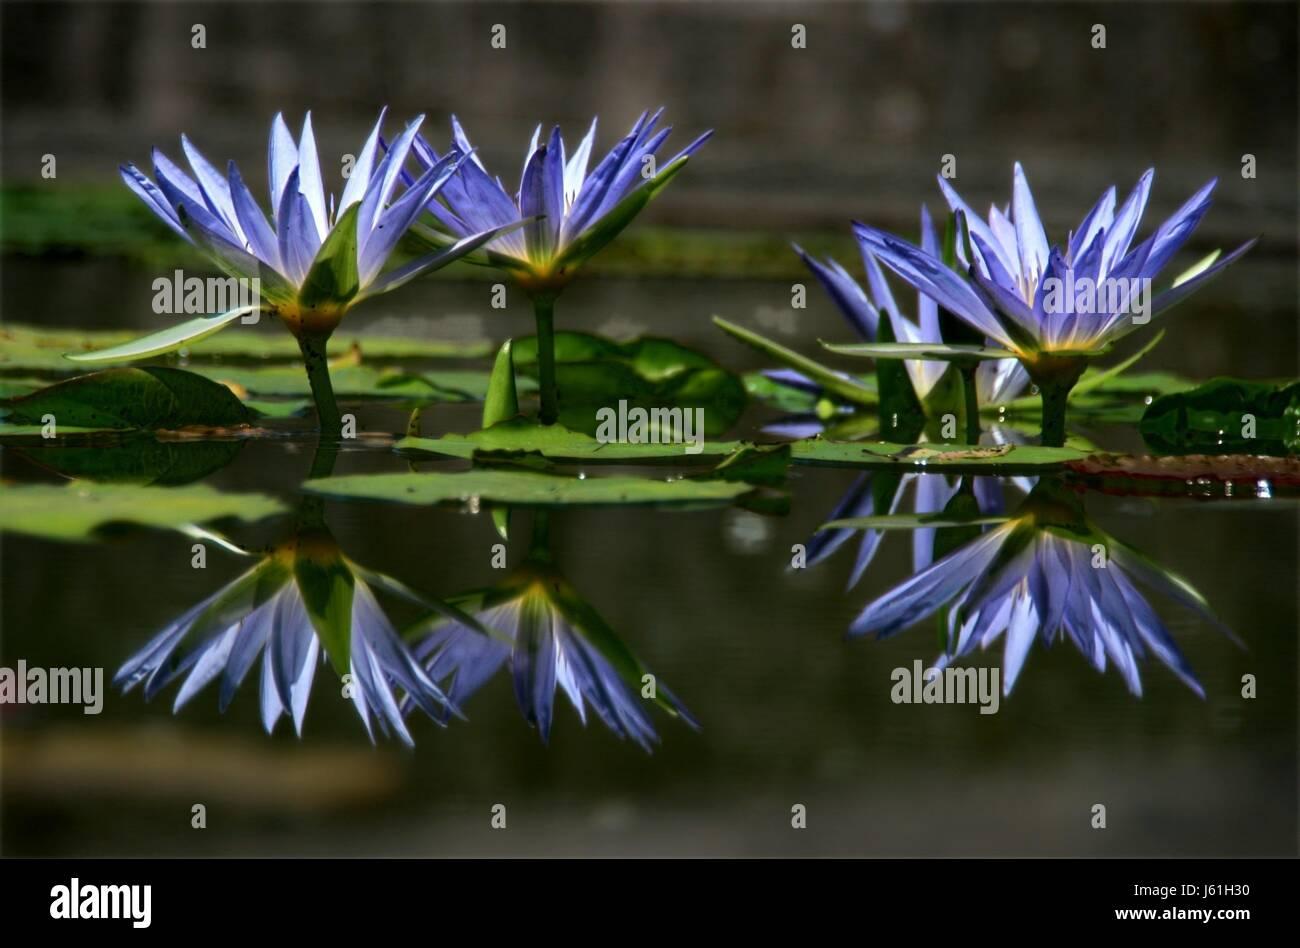 fleurs-magiques-2-j61h30